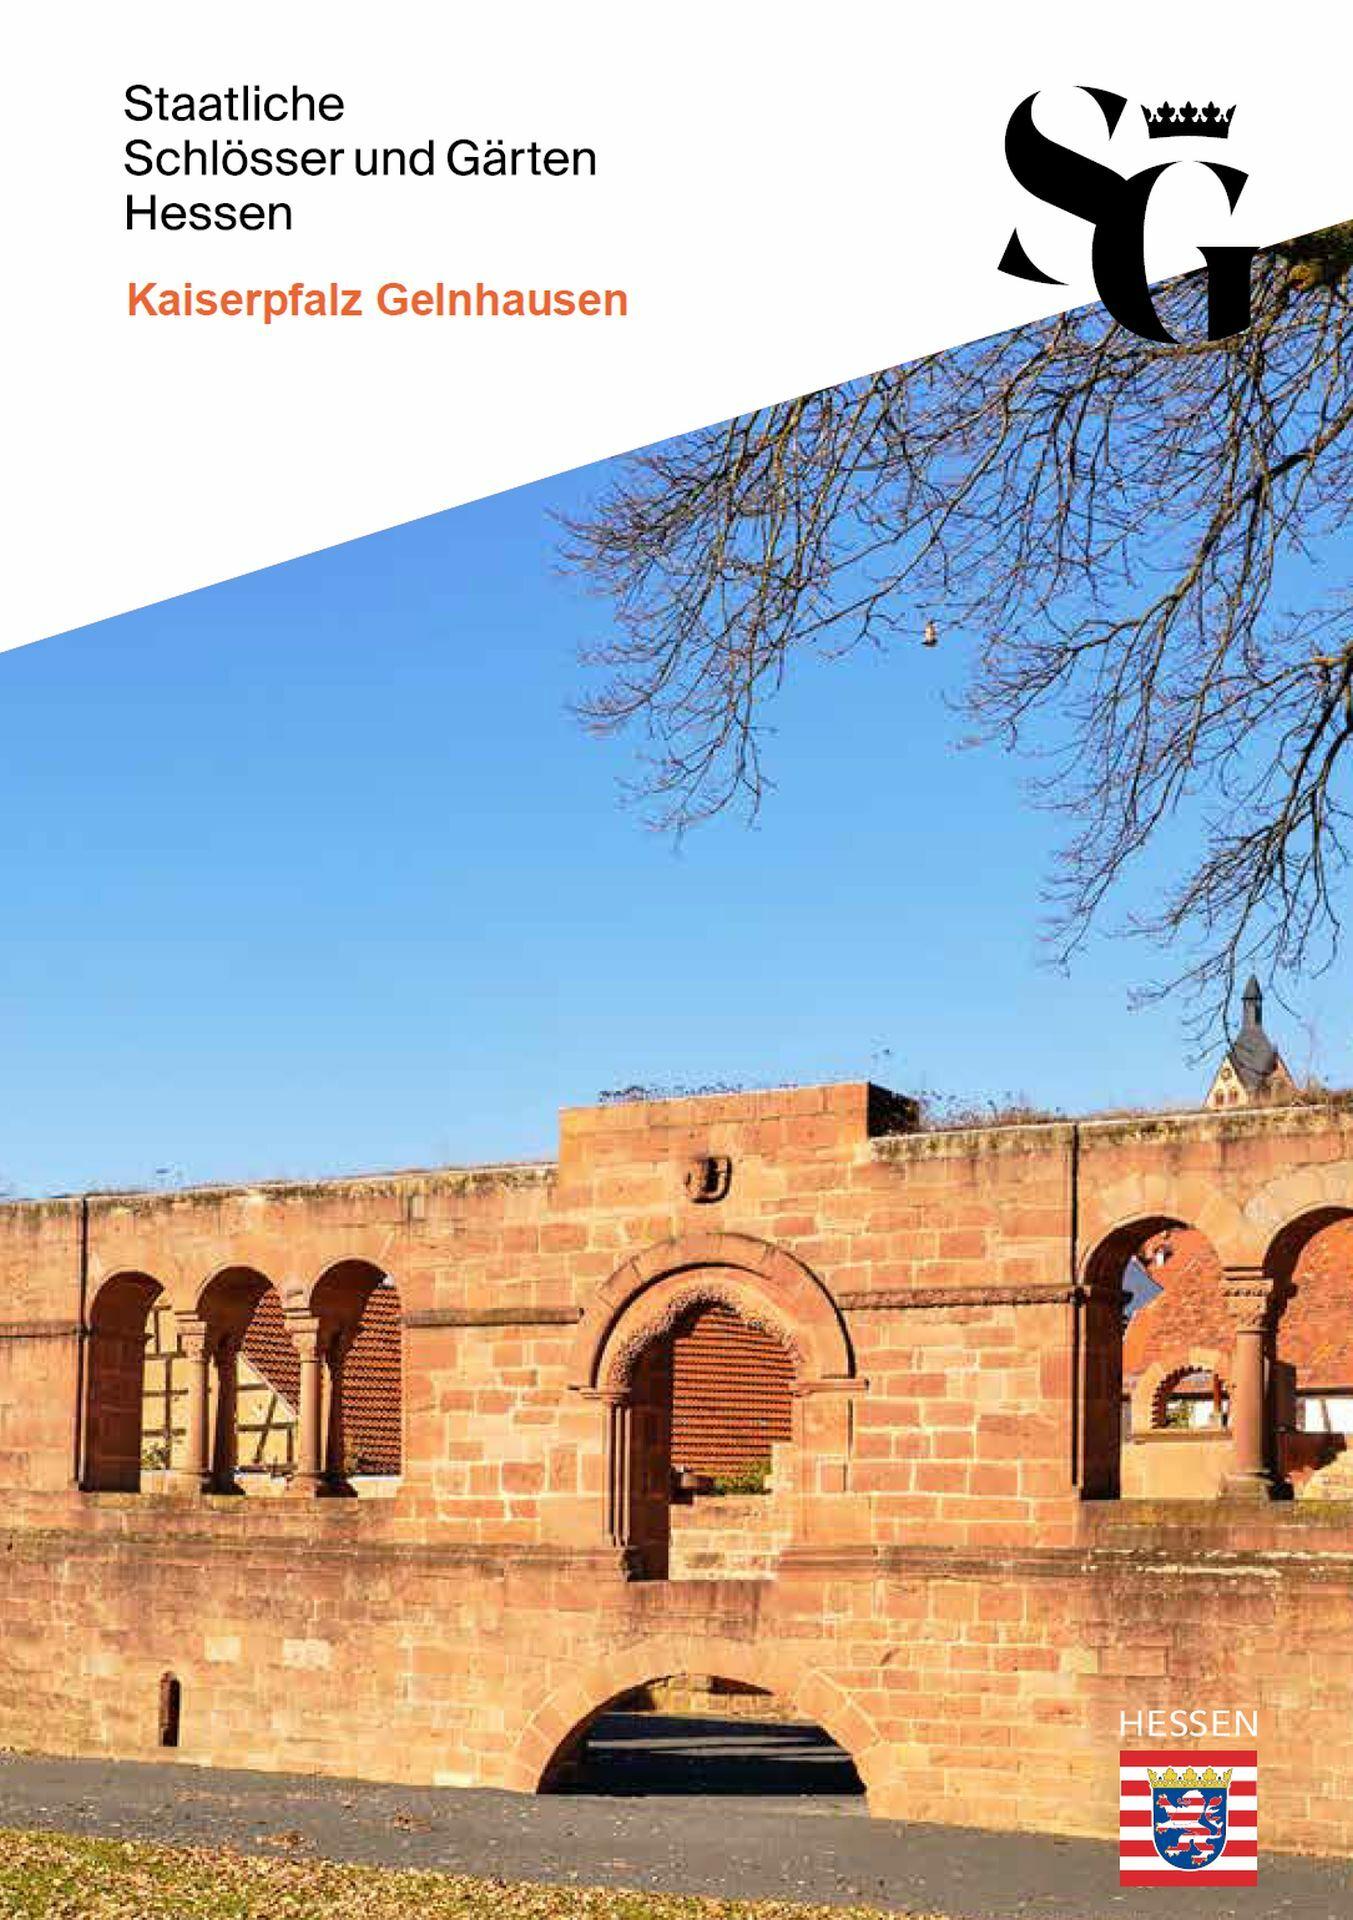 Kulturschätze kompakt: Kaiserpfalz Gelnhausen